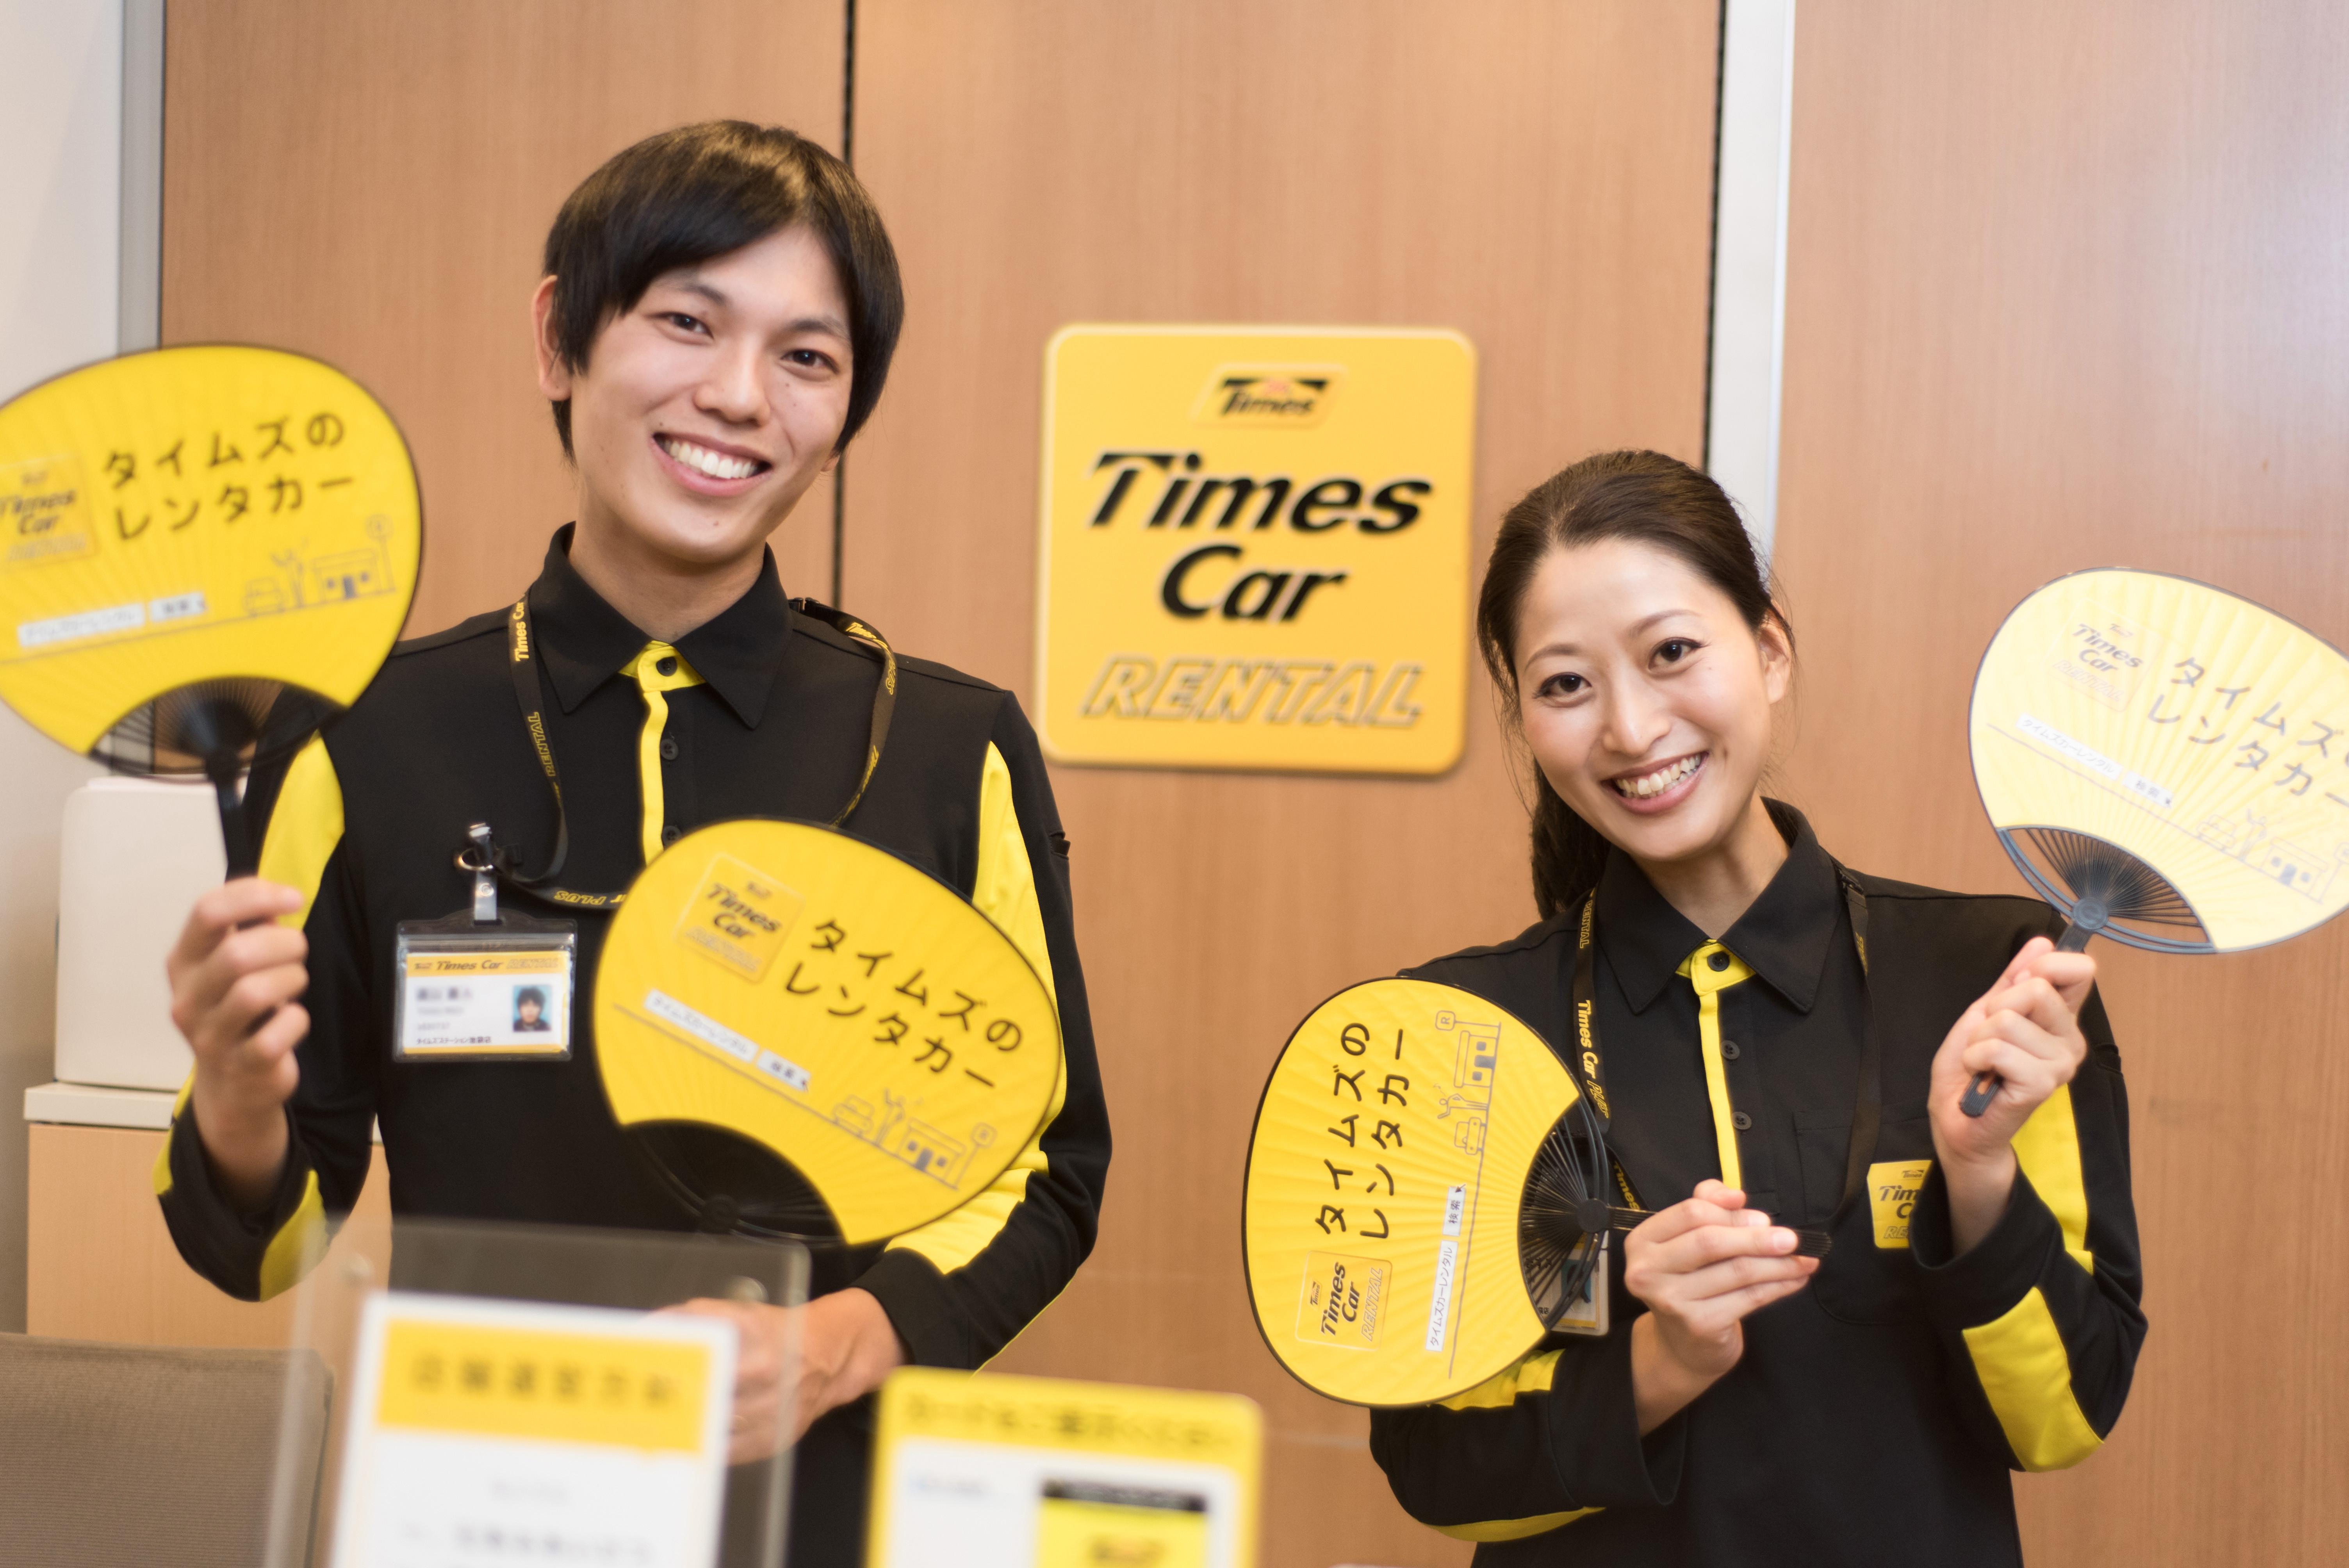 タイムズカーレンタル 石垣島店 のアルバイト情報